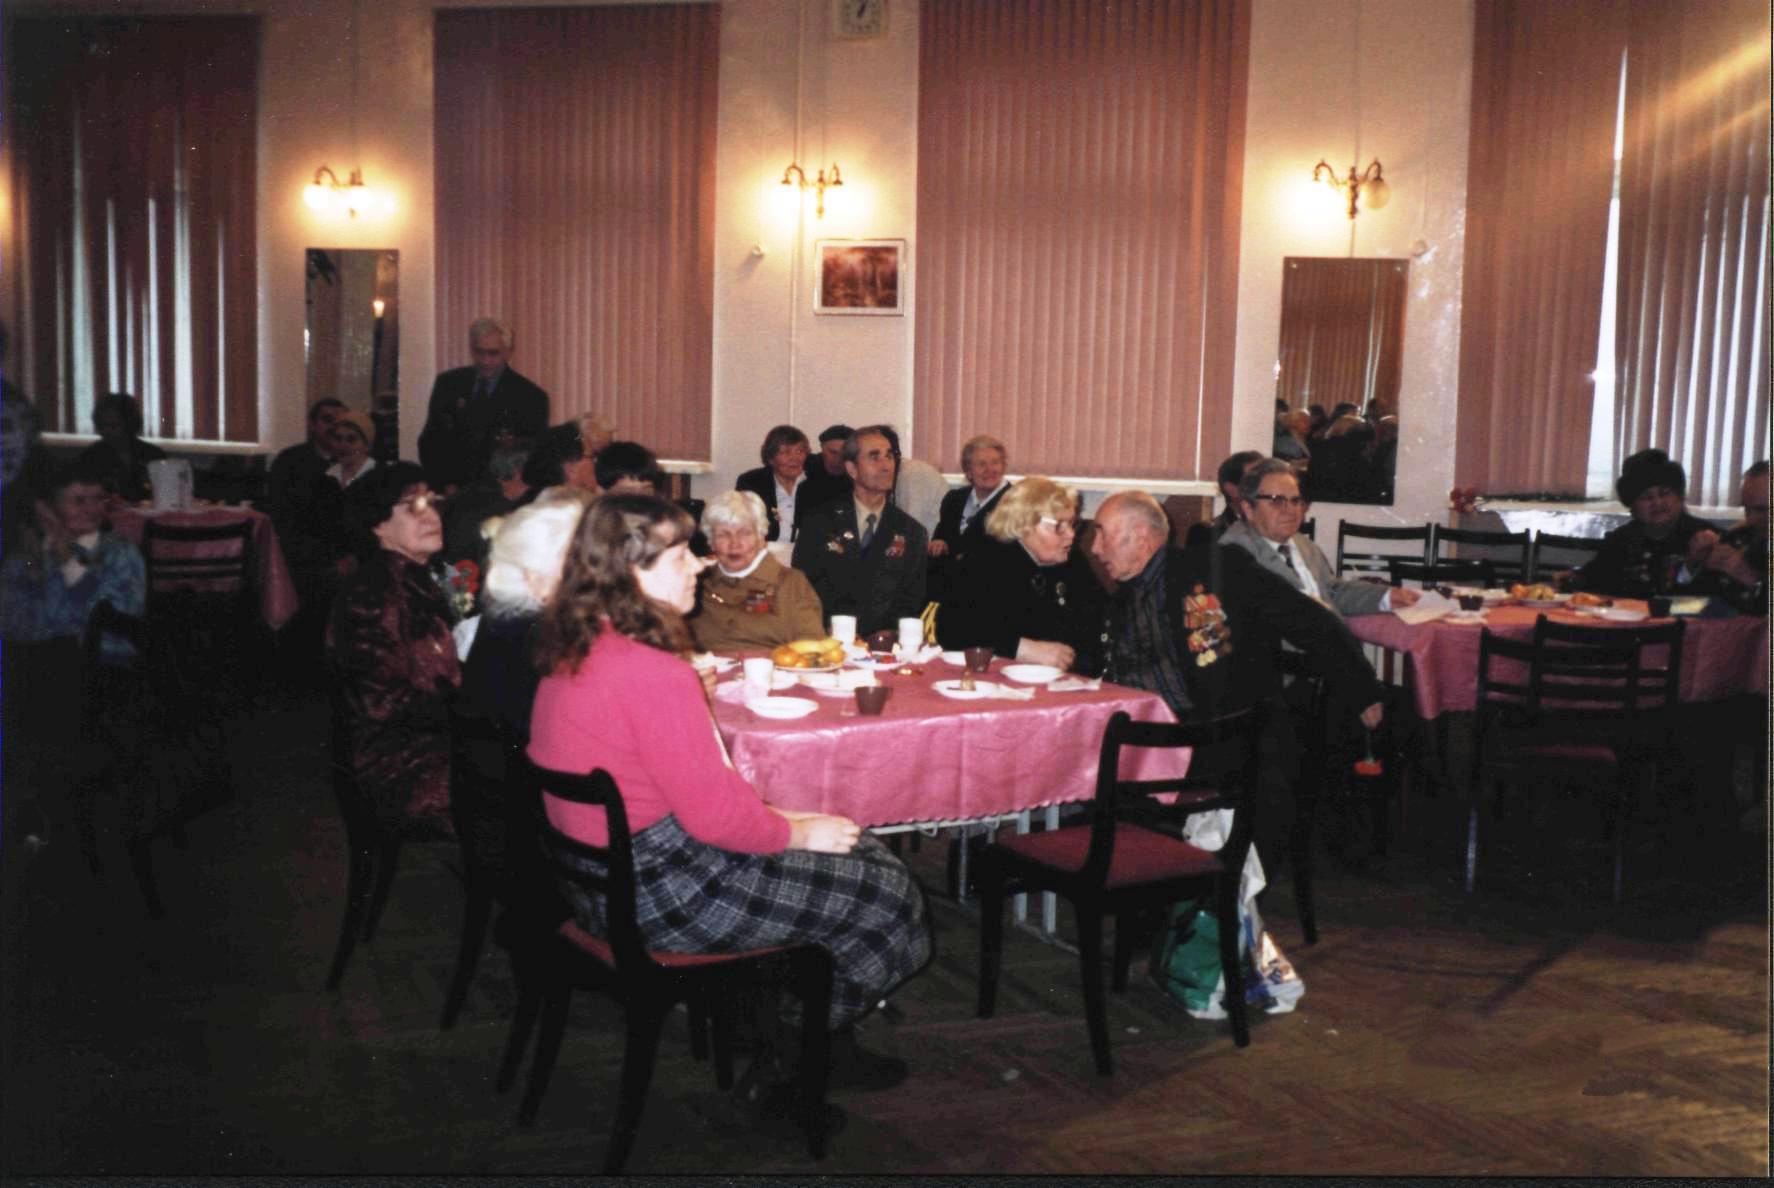 Декабрьская встреча ветеранов в/ч №9903 в московской школе №1272 в 2000 году. На переднем плане - Е.Г. Иванова (исследователь подвига Зои Космодемьянской, друг части №9903).